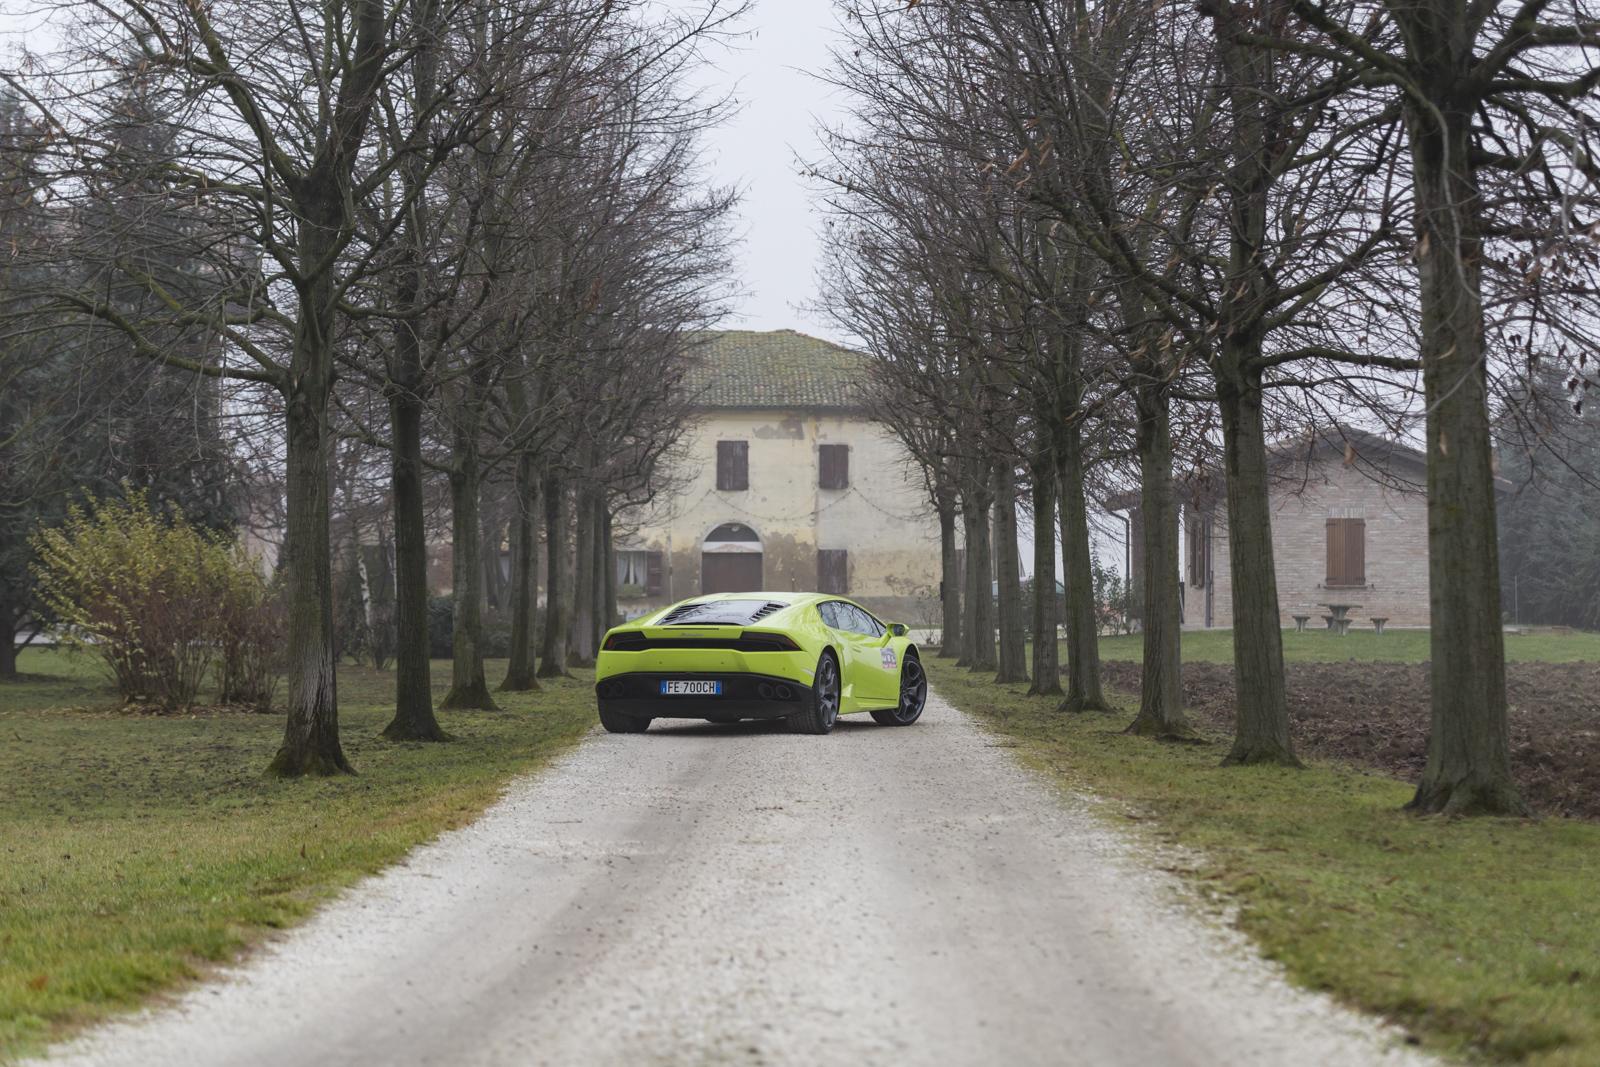 Test_Drive_Lamborghini_Huracan_LP610-4_08